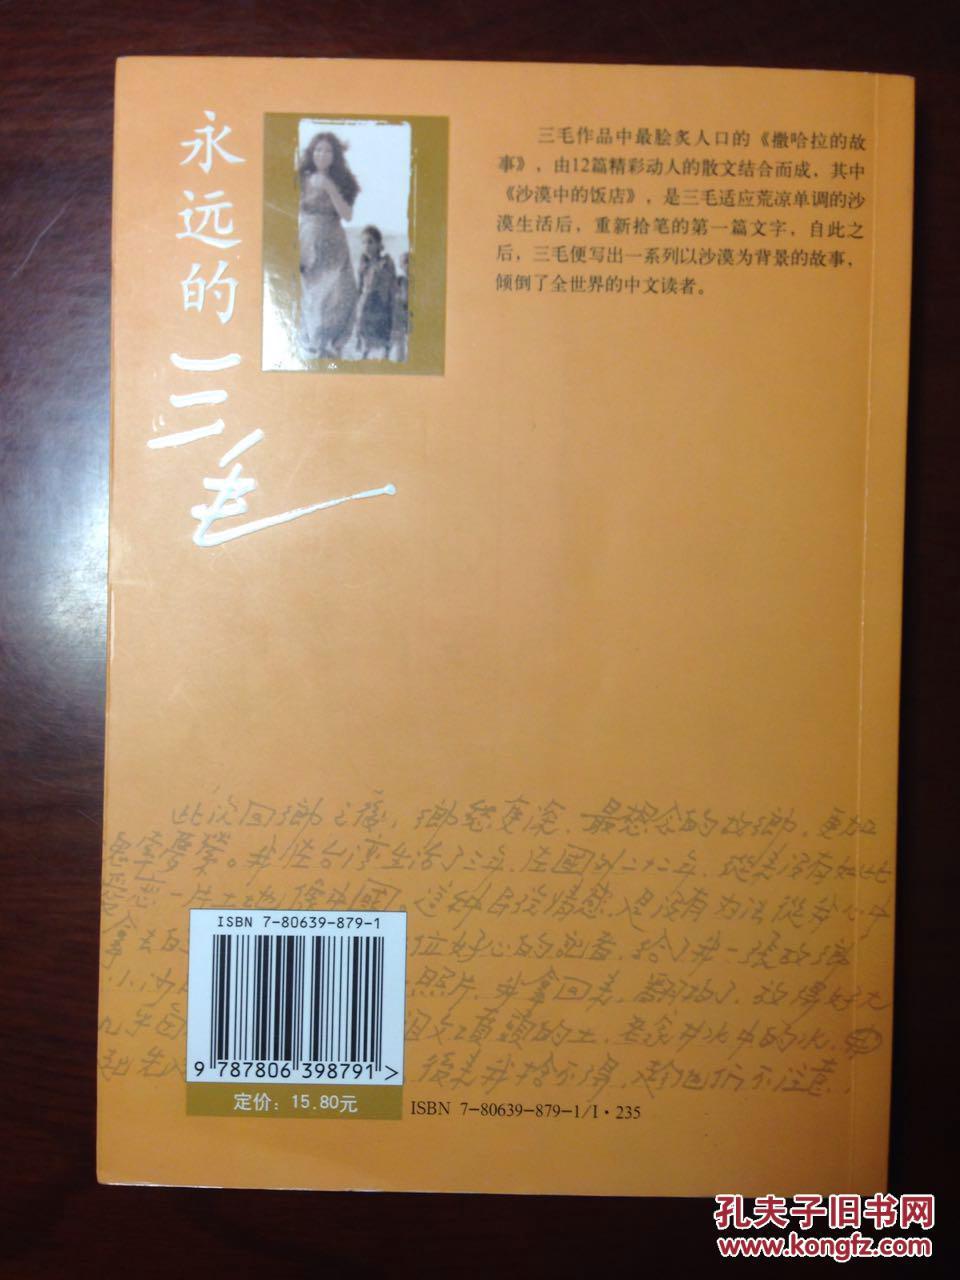 三毛散文全编《撒哈拉的故事》下载_在线阅读 - 爱问共享资料